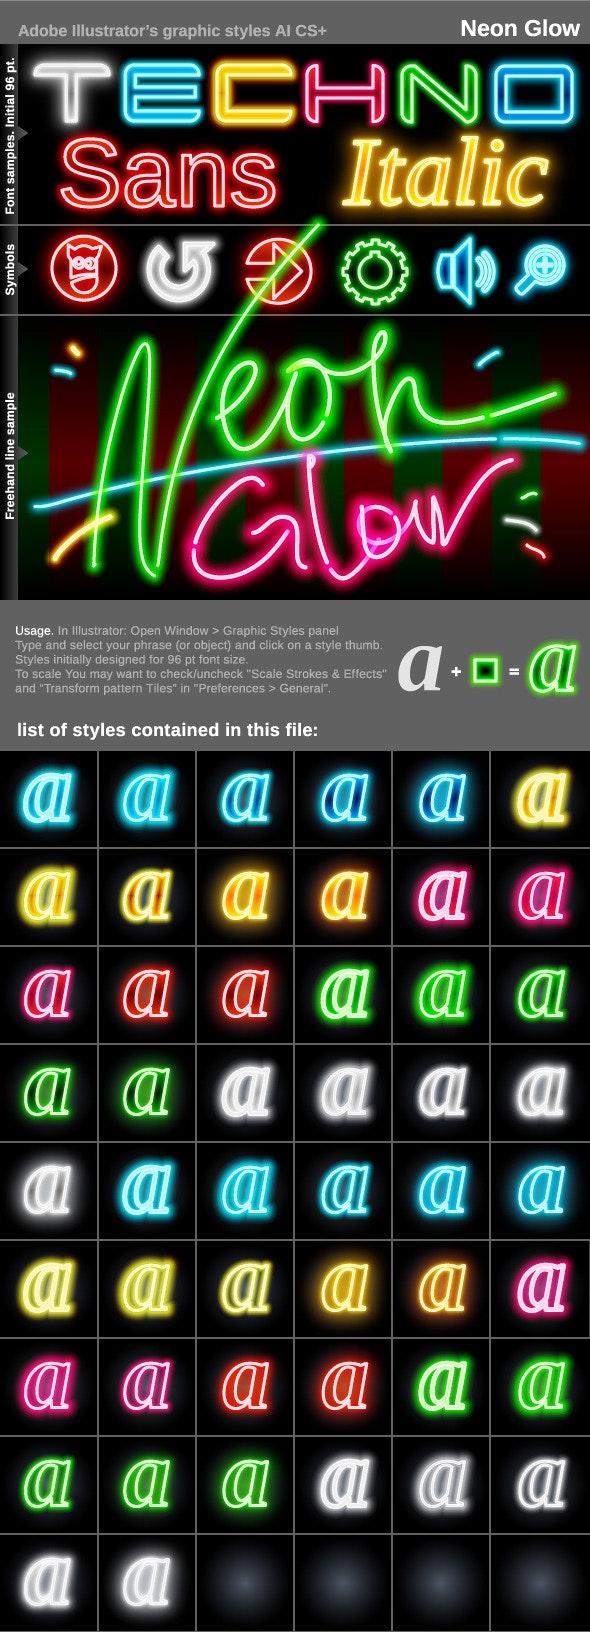 Illustrator Graphic Styles. Neon Glow - Styles Illustrator